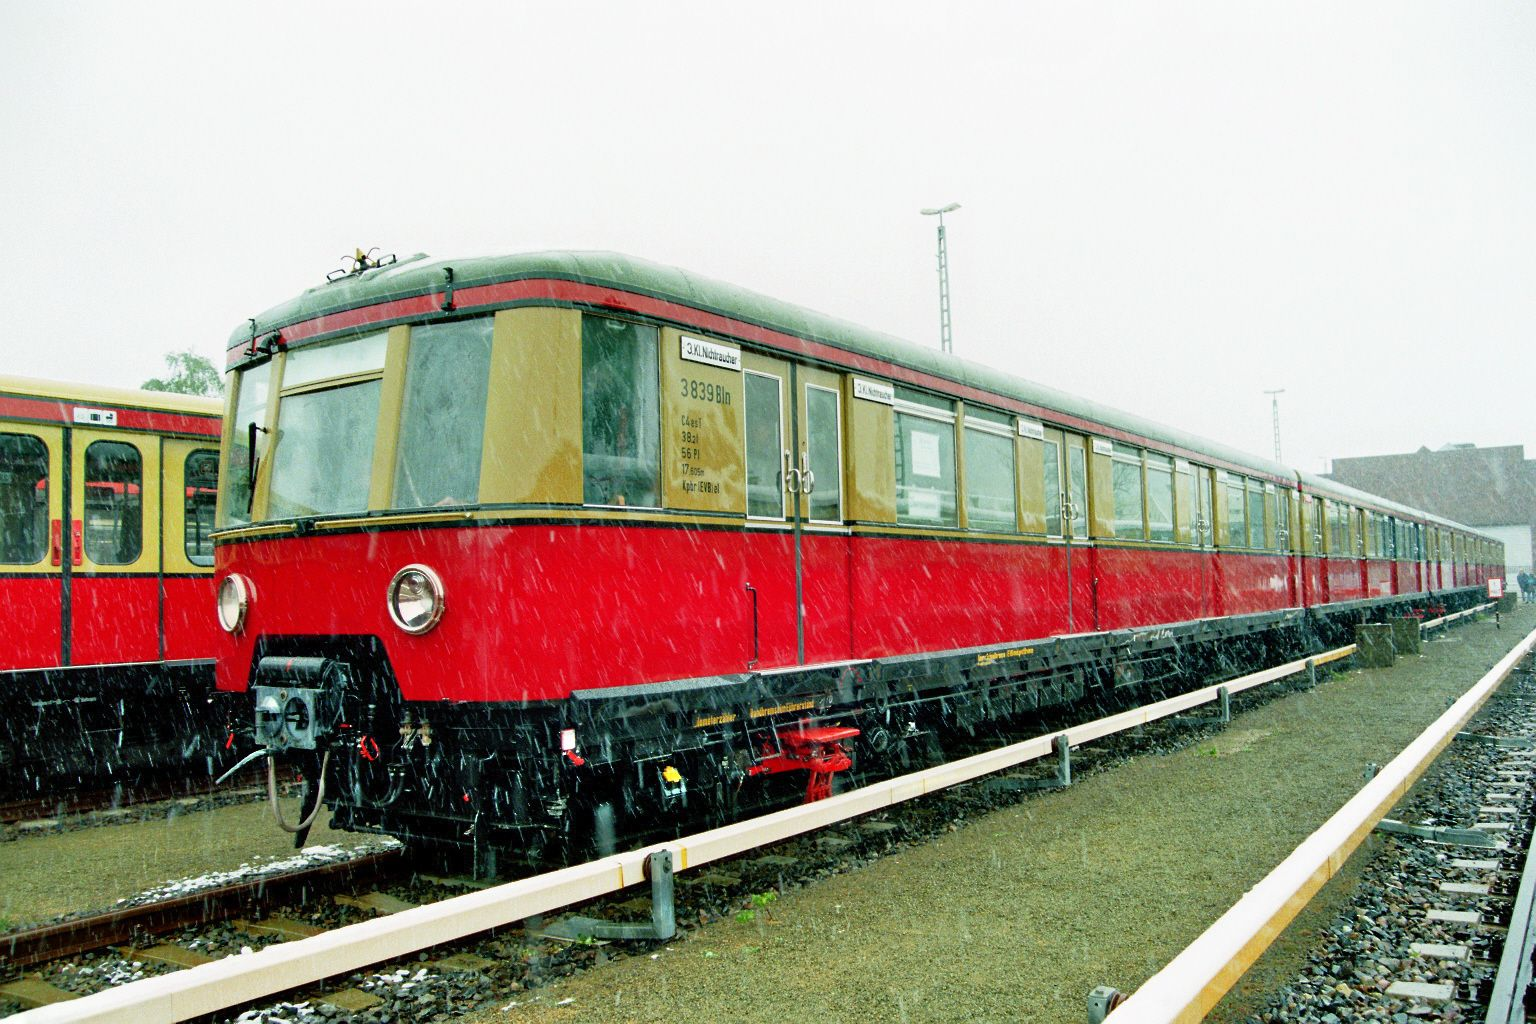 S-Bahn 3839, Bauart 1938/1941, ex 167 006, ex 277 003, Baureihe 167, im Schnee, Schöneweide, Oktober 2002